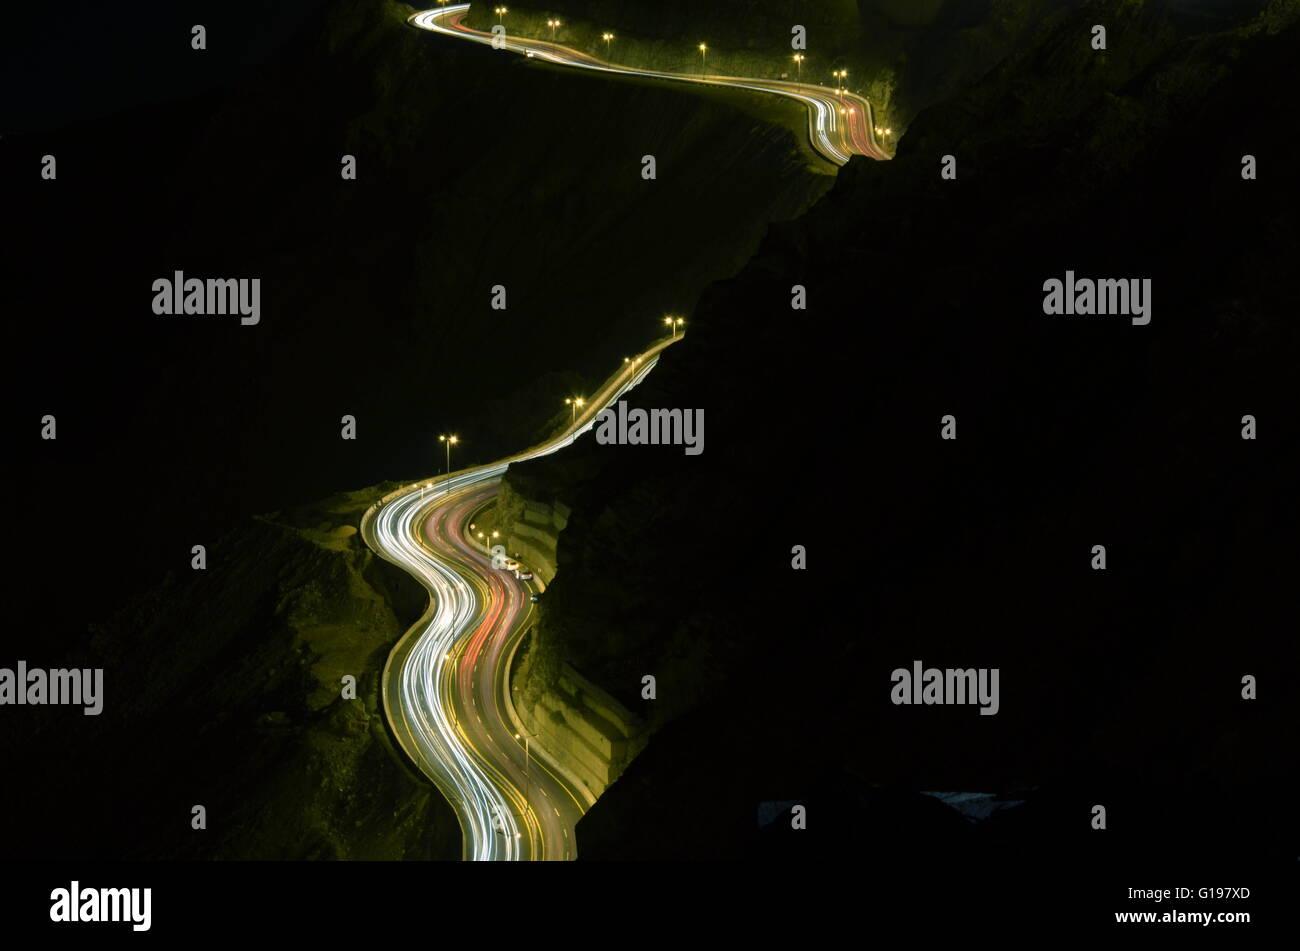 Deslice la luz montañoso, Foto tomada en el sobre del acantilado de Al Hada Hill Road , Al Hada Thaif, Arabia Imagen De Stock